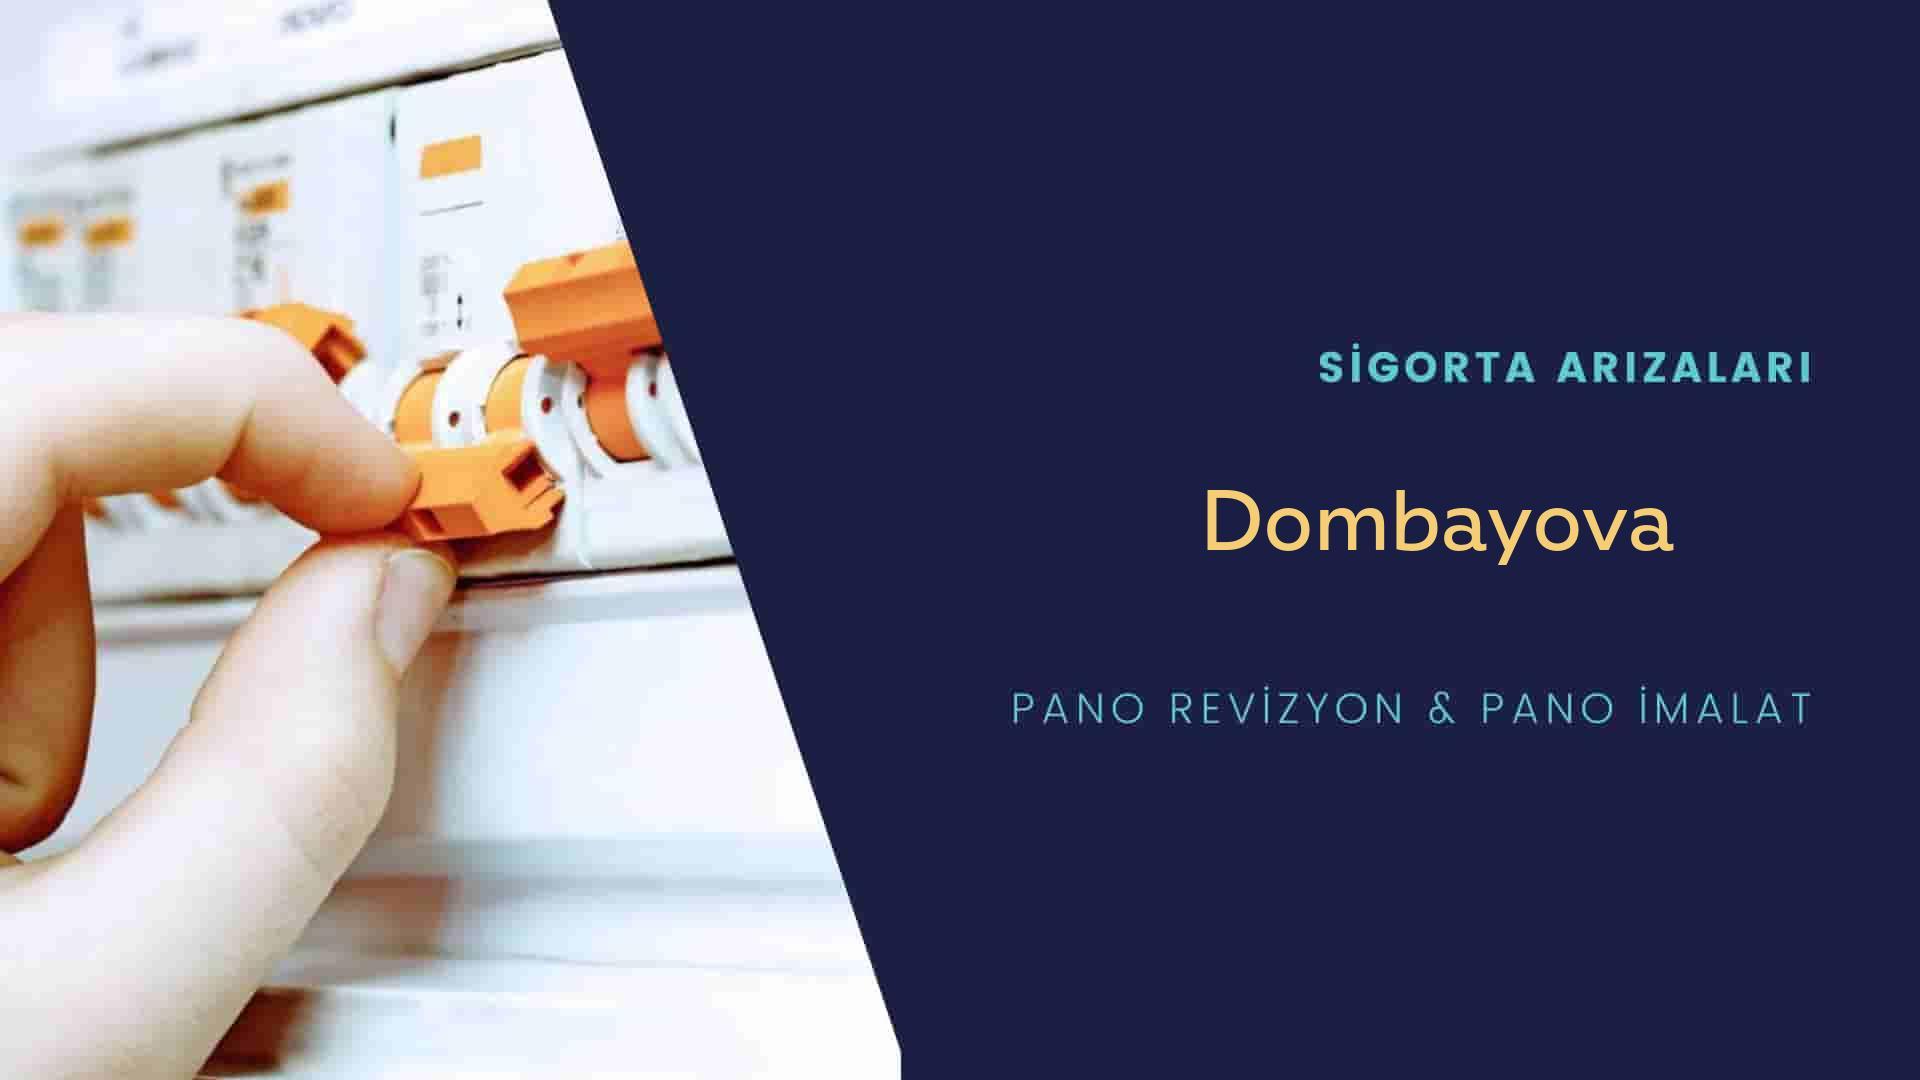 Dombayova Sigorta Arızaları İçin Profesyonel Elektrikçi ustalarımızı dilediğiniz zaman arayabilir talepte bulunabilirsiniz.